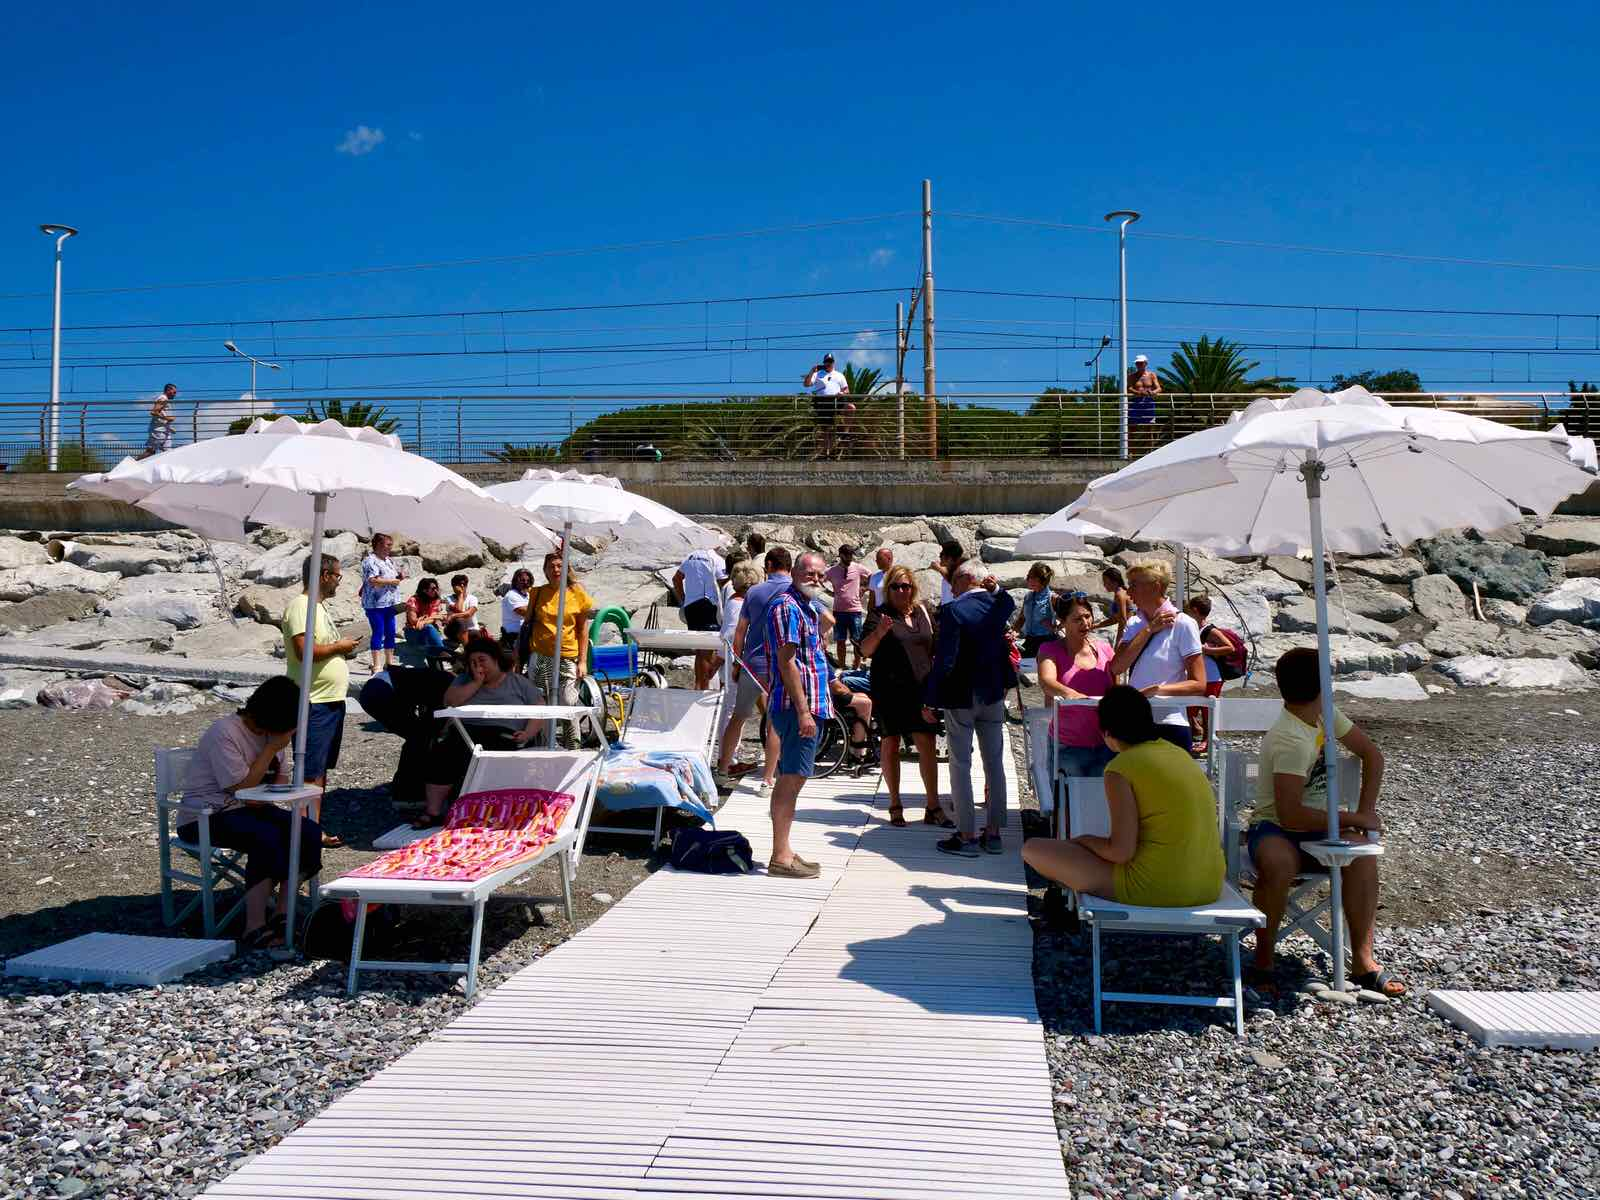 Inaugurazione spiaggia attrezzata di Lavagna per persone disabili 2019.07.16 - 7